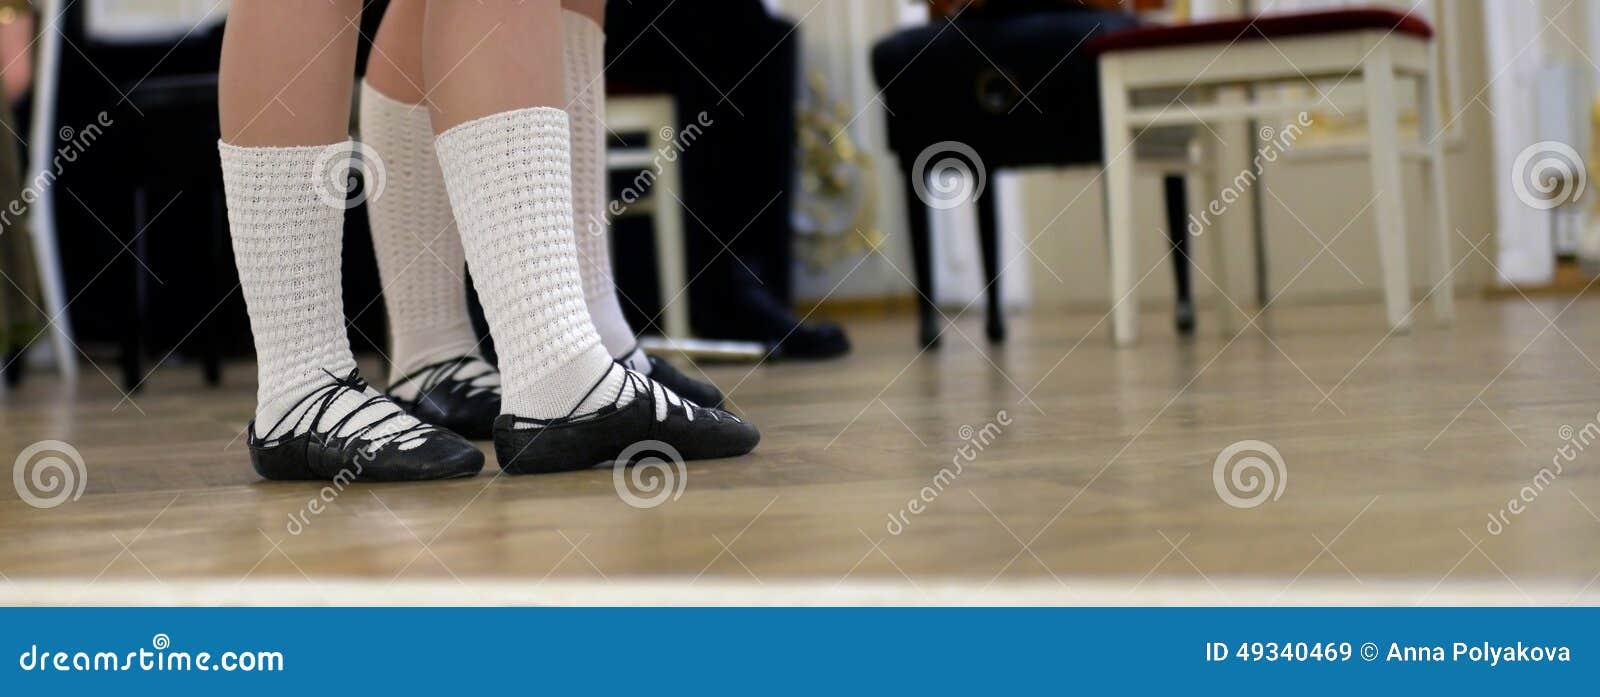 Pies de los bailarines calzados en los zapatos para la danza céltica